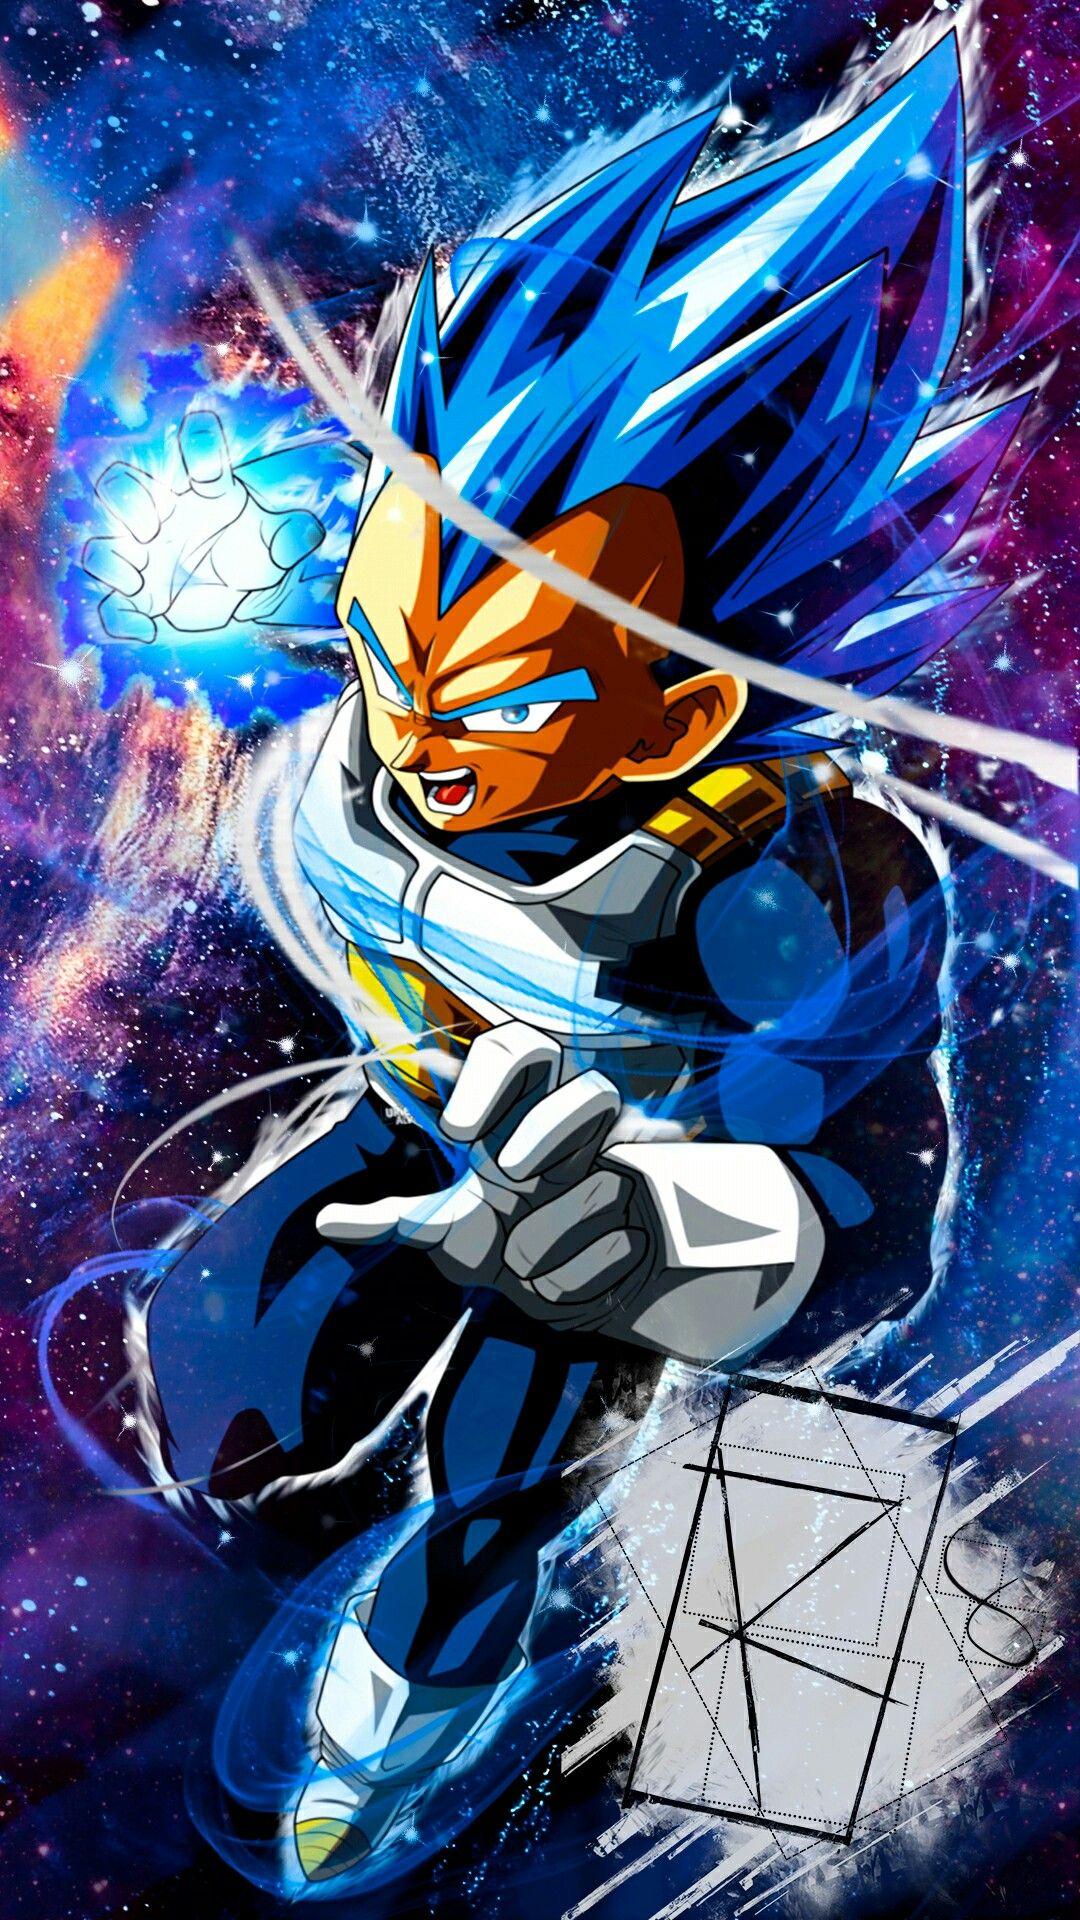 Vegeta Ssj Blue Full Power Universo 7 Anime Dragon Ball Super Dragon Ball Artwork Dragon Ball Wallpapers